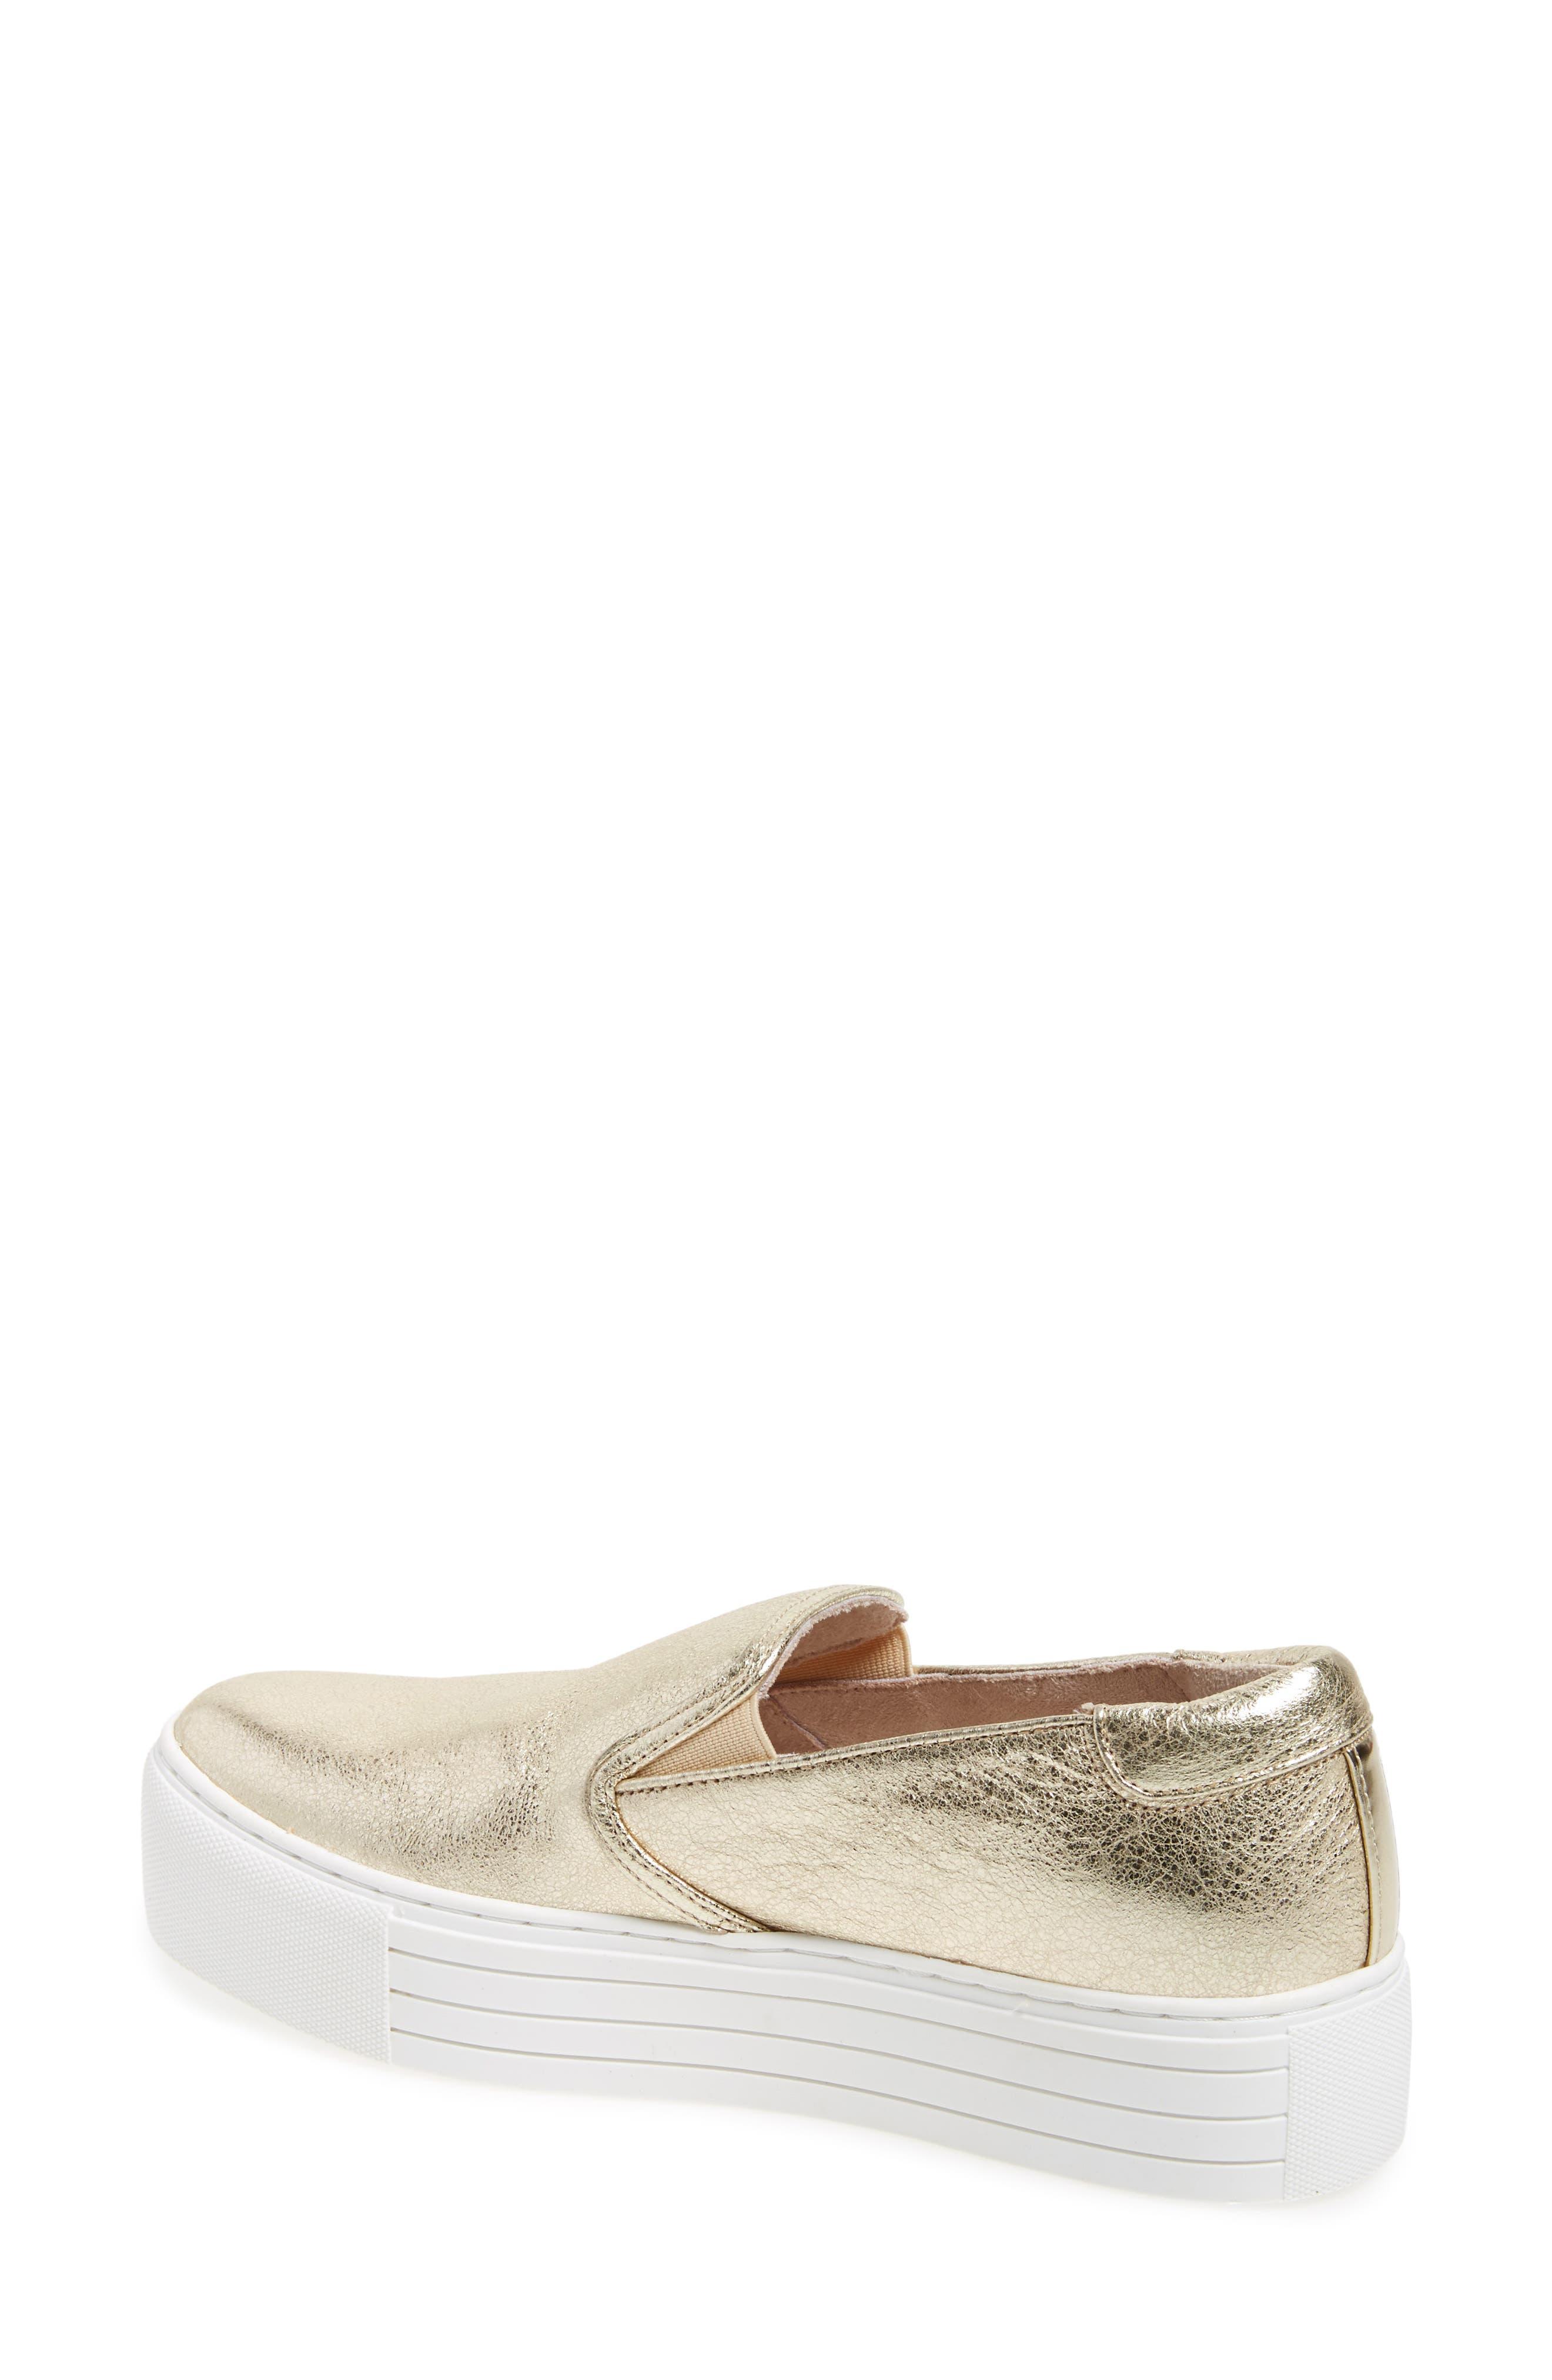 Joanie Slip-On Platform Sneaker,                             Alternate thumbnail 24, color,